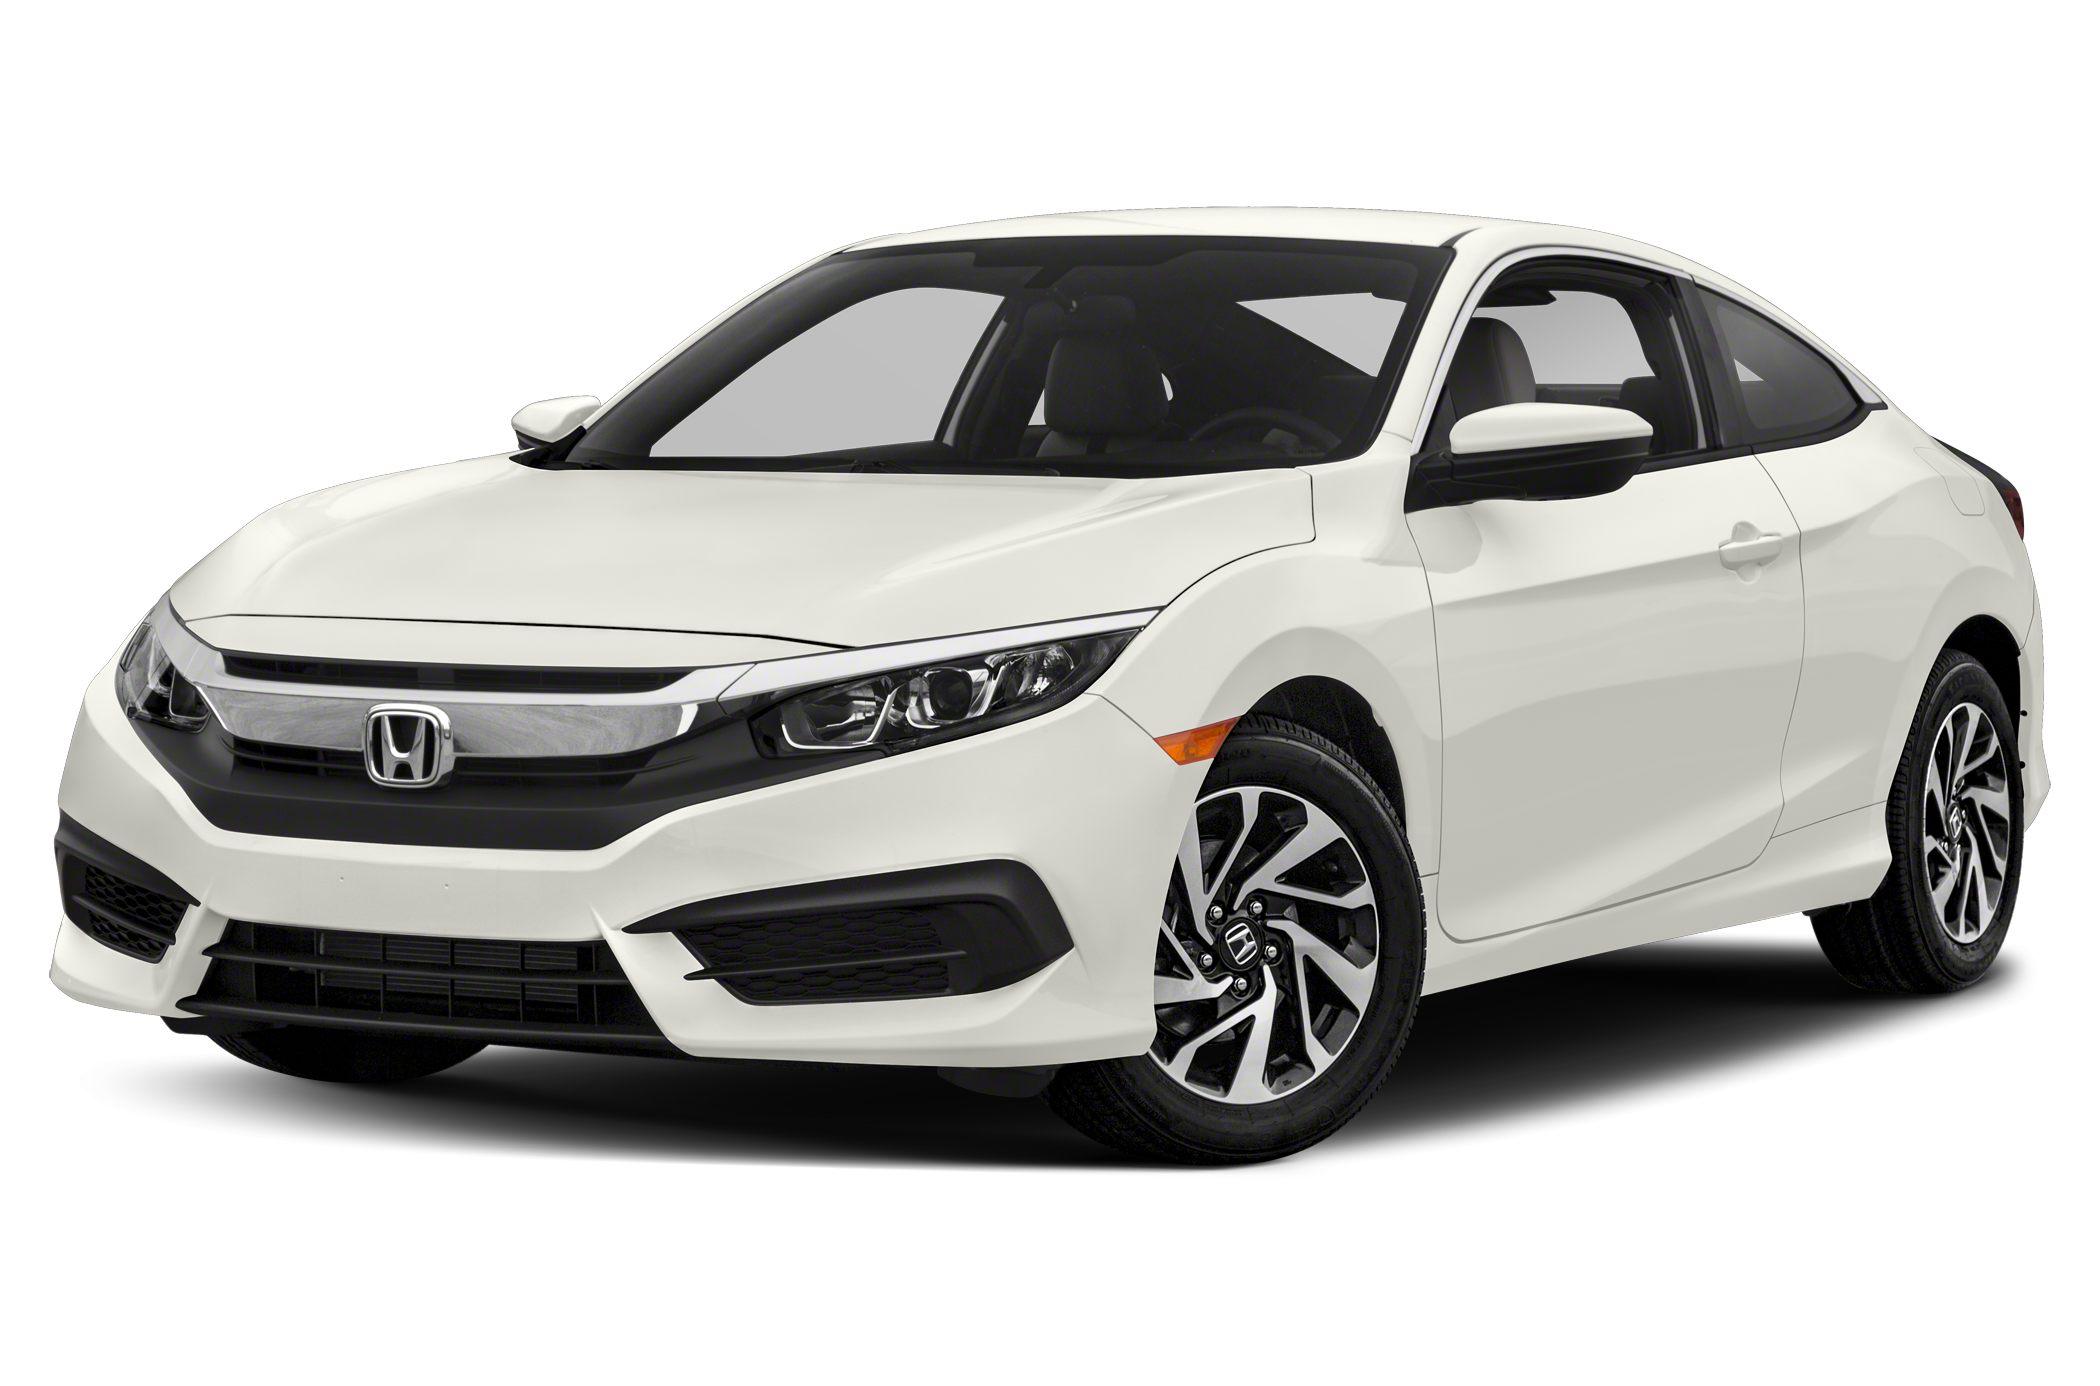 2018 Honda Civic LX 2dr Coupe